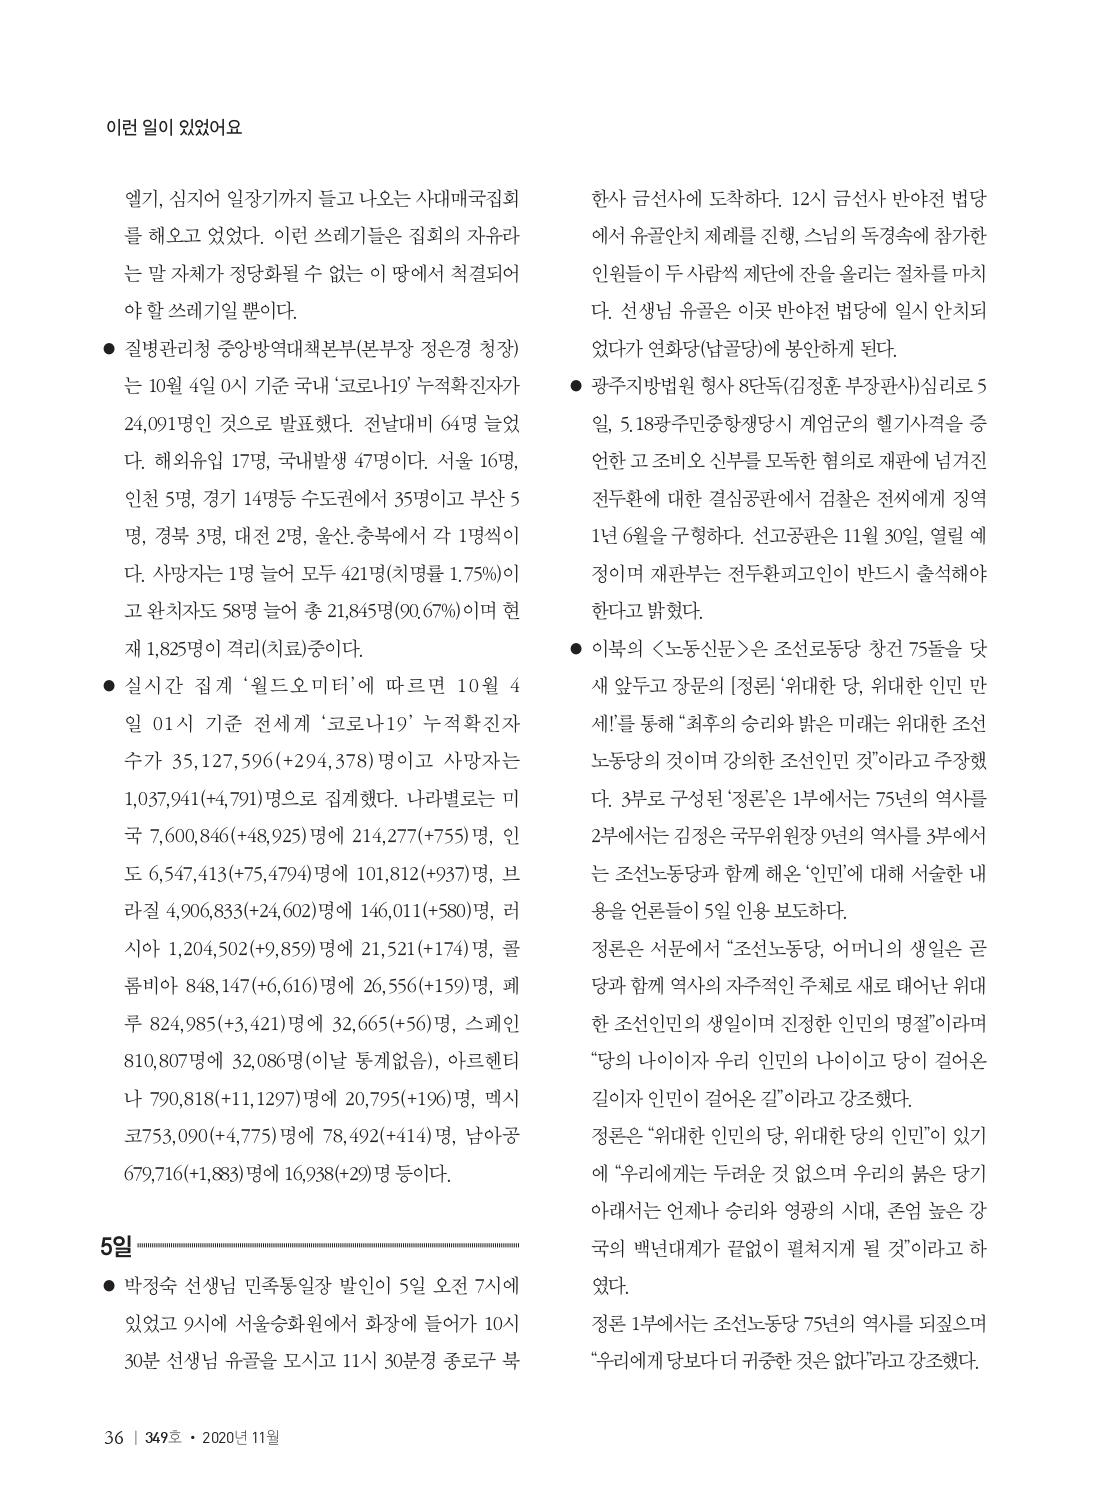 [양심수후원회] 소식지 349호 웹용_page-0038.jpg